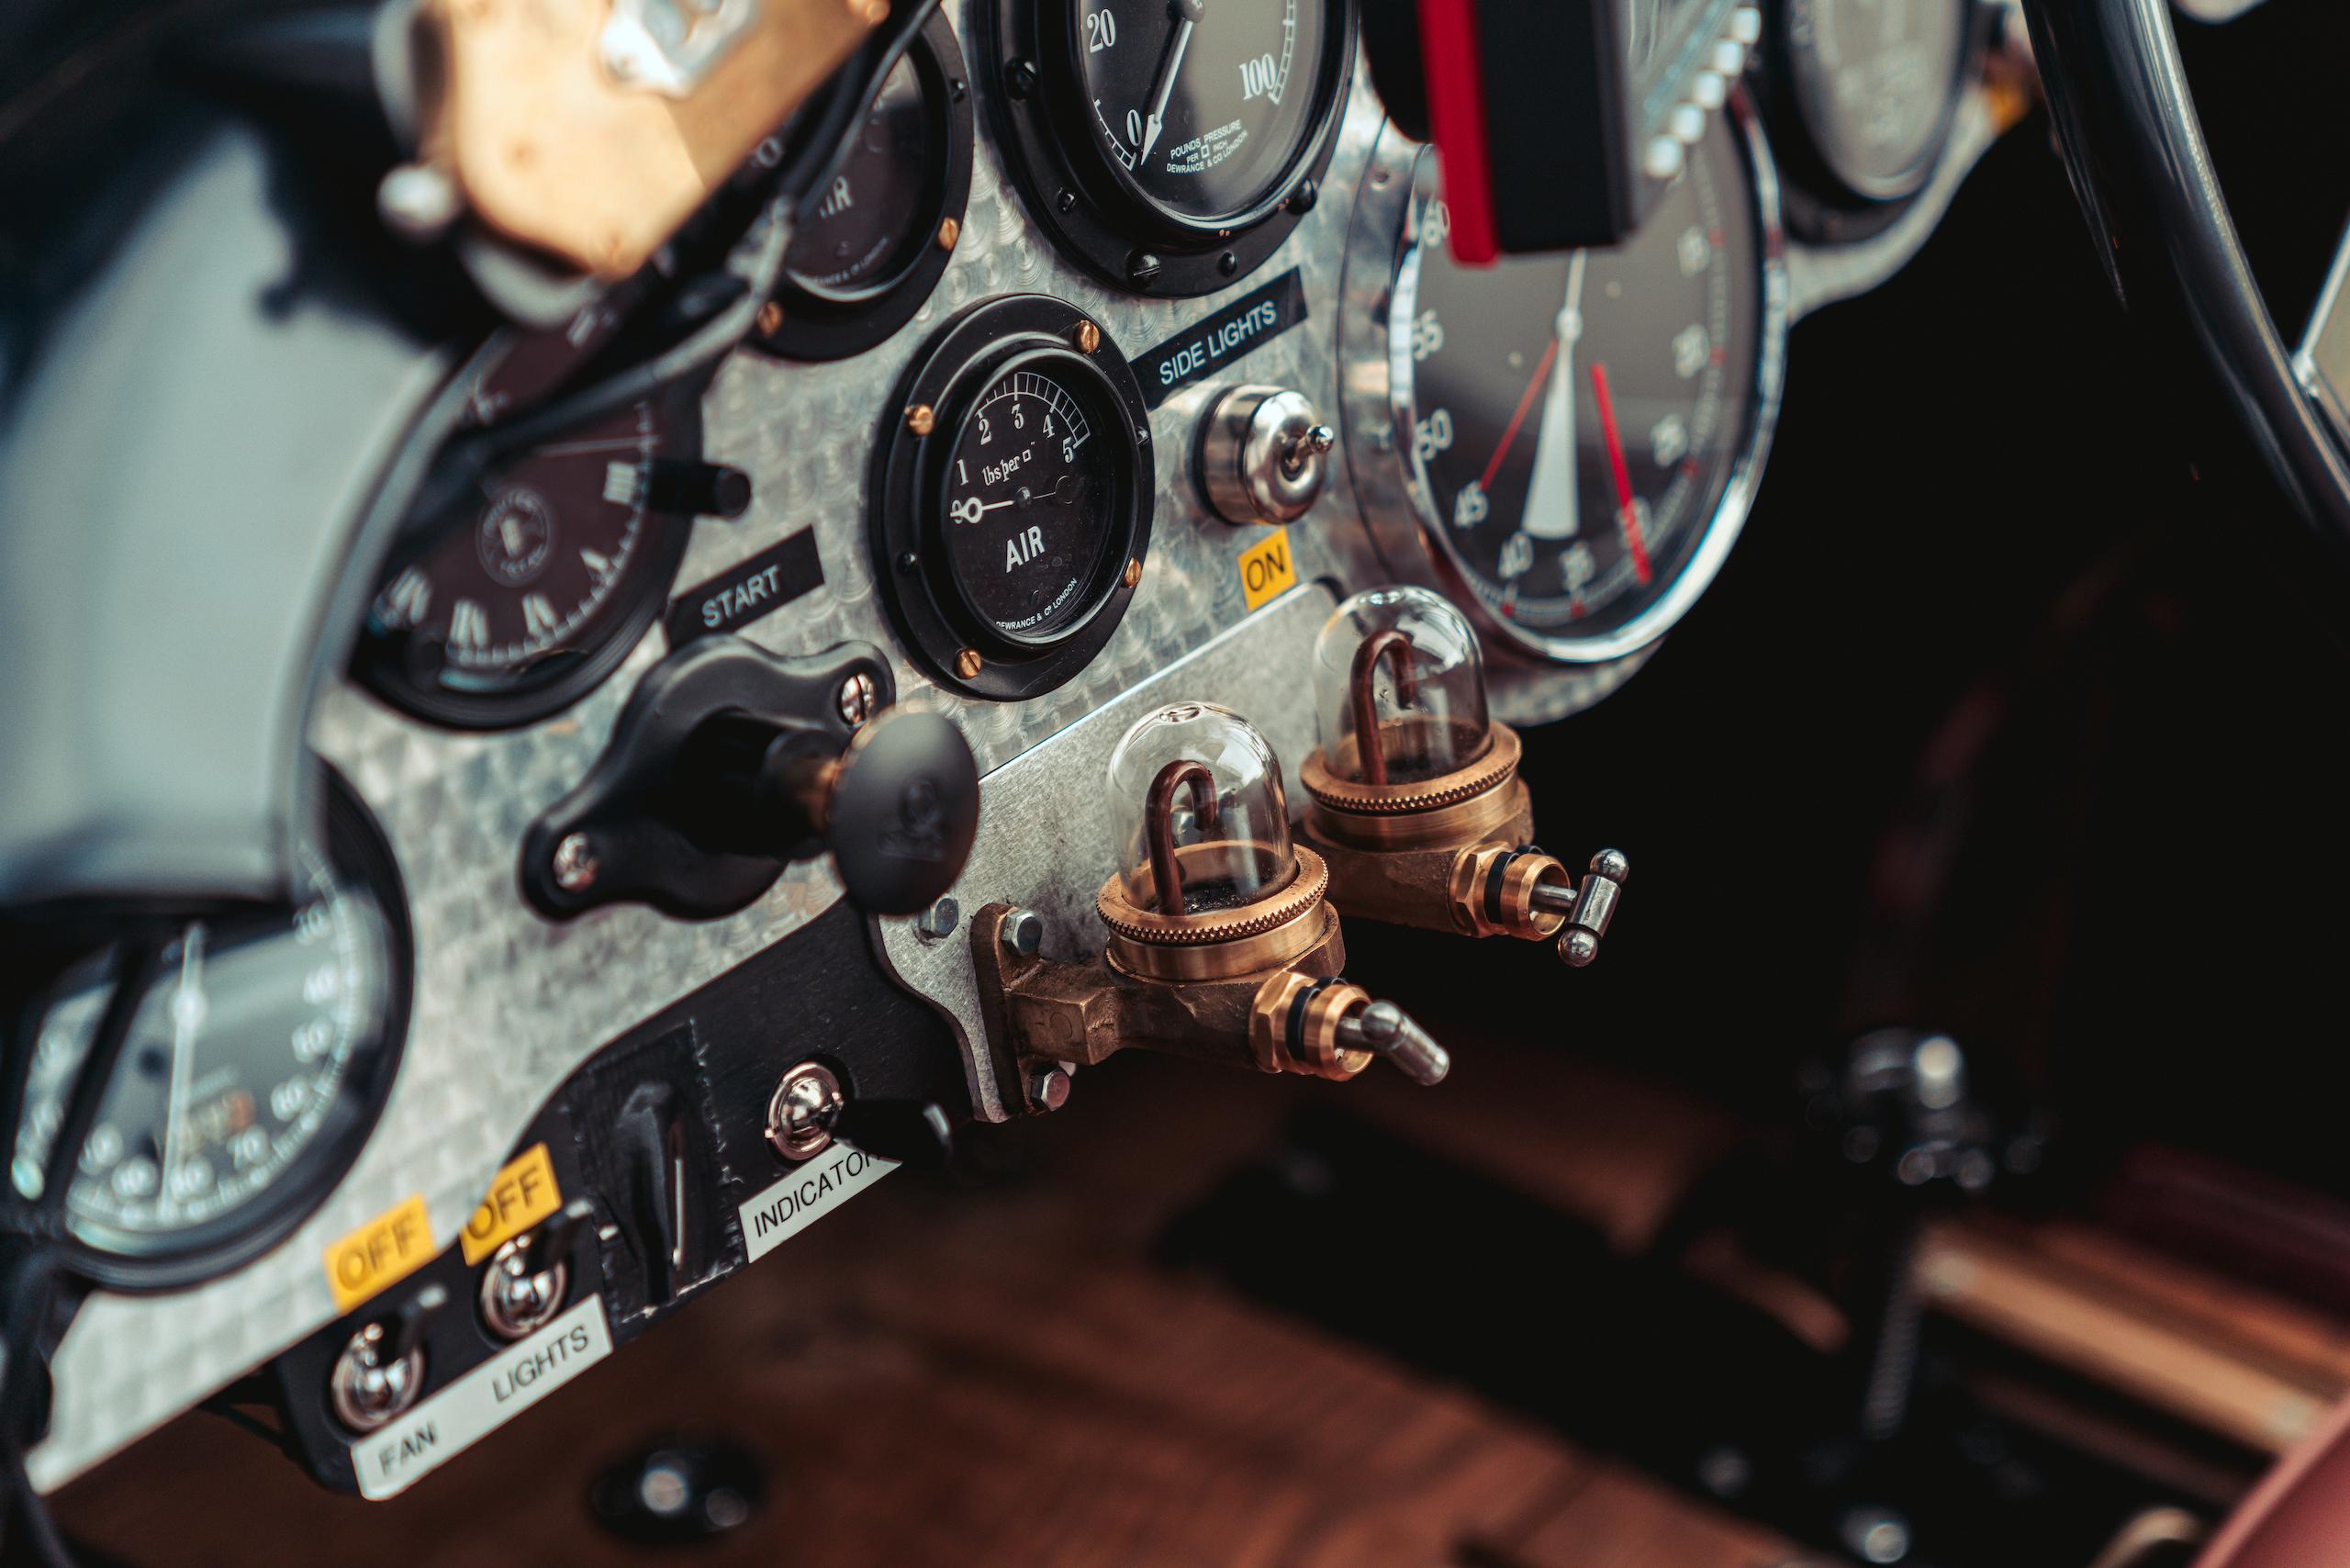 Blower Bentley interior switches detail